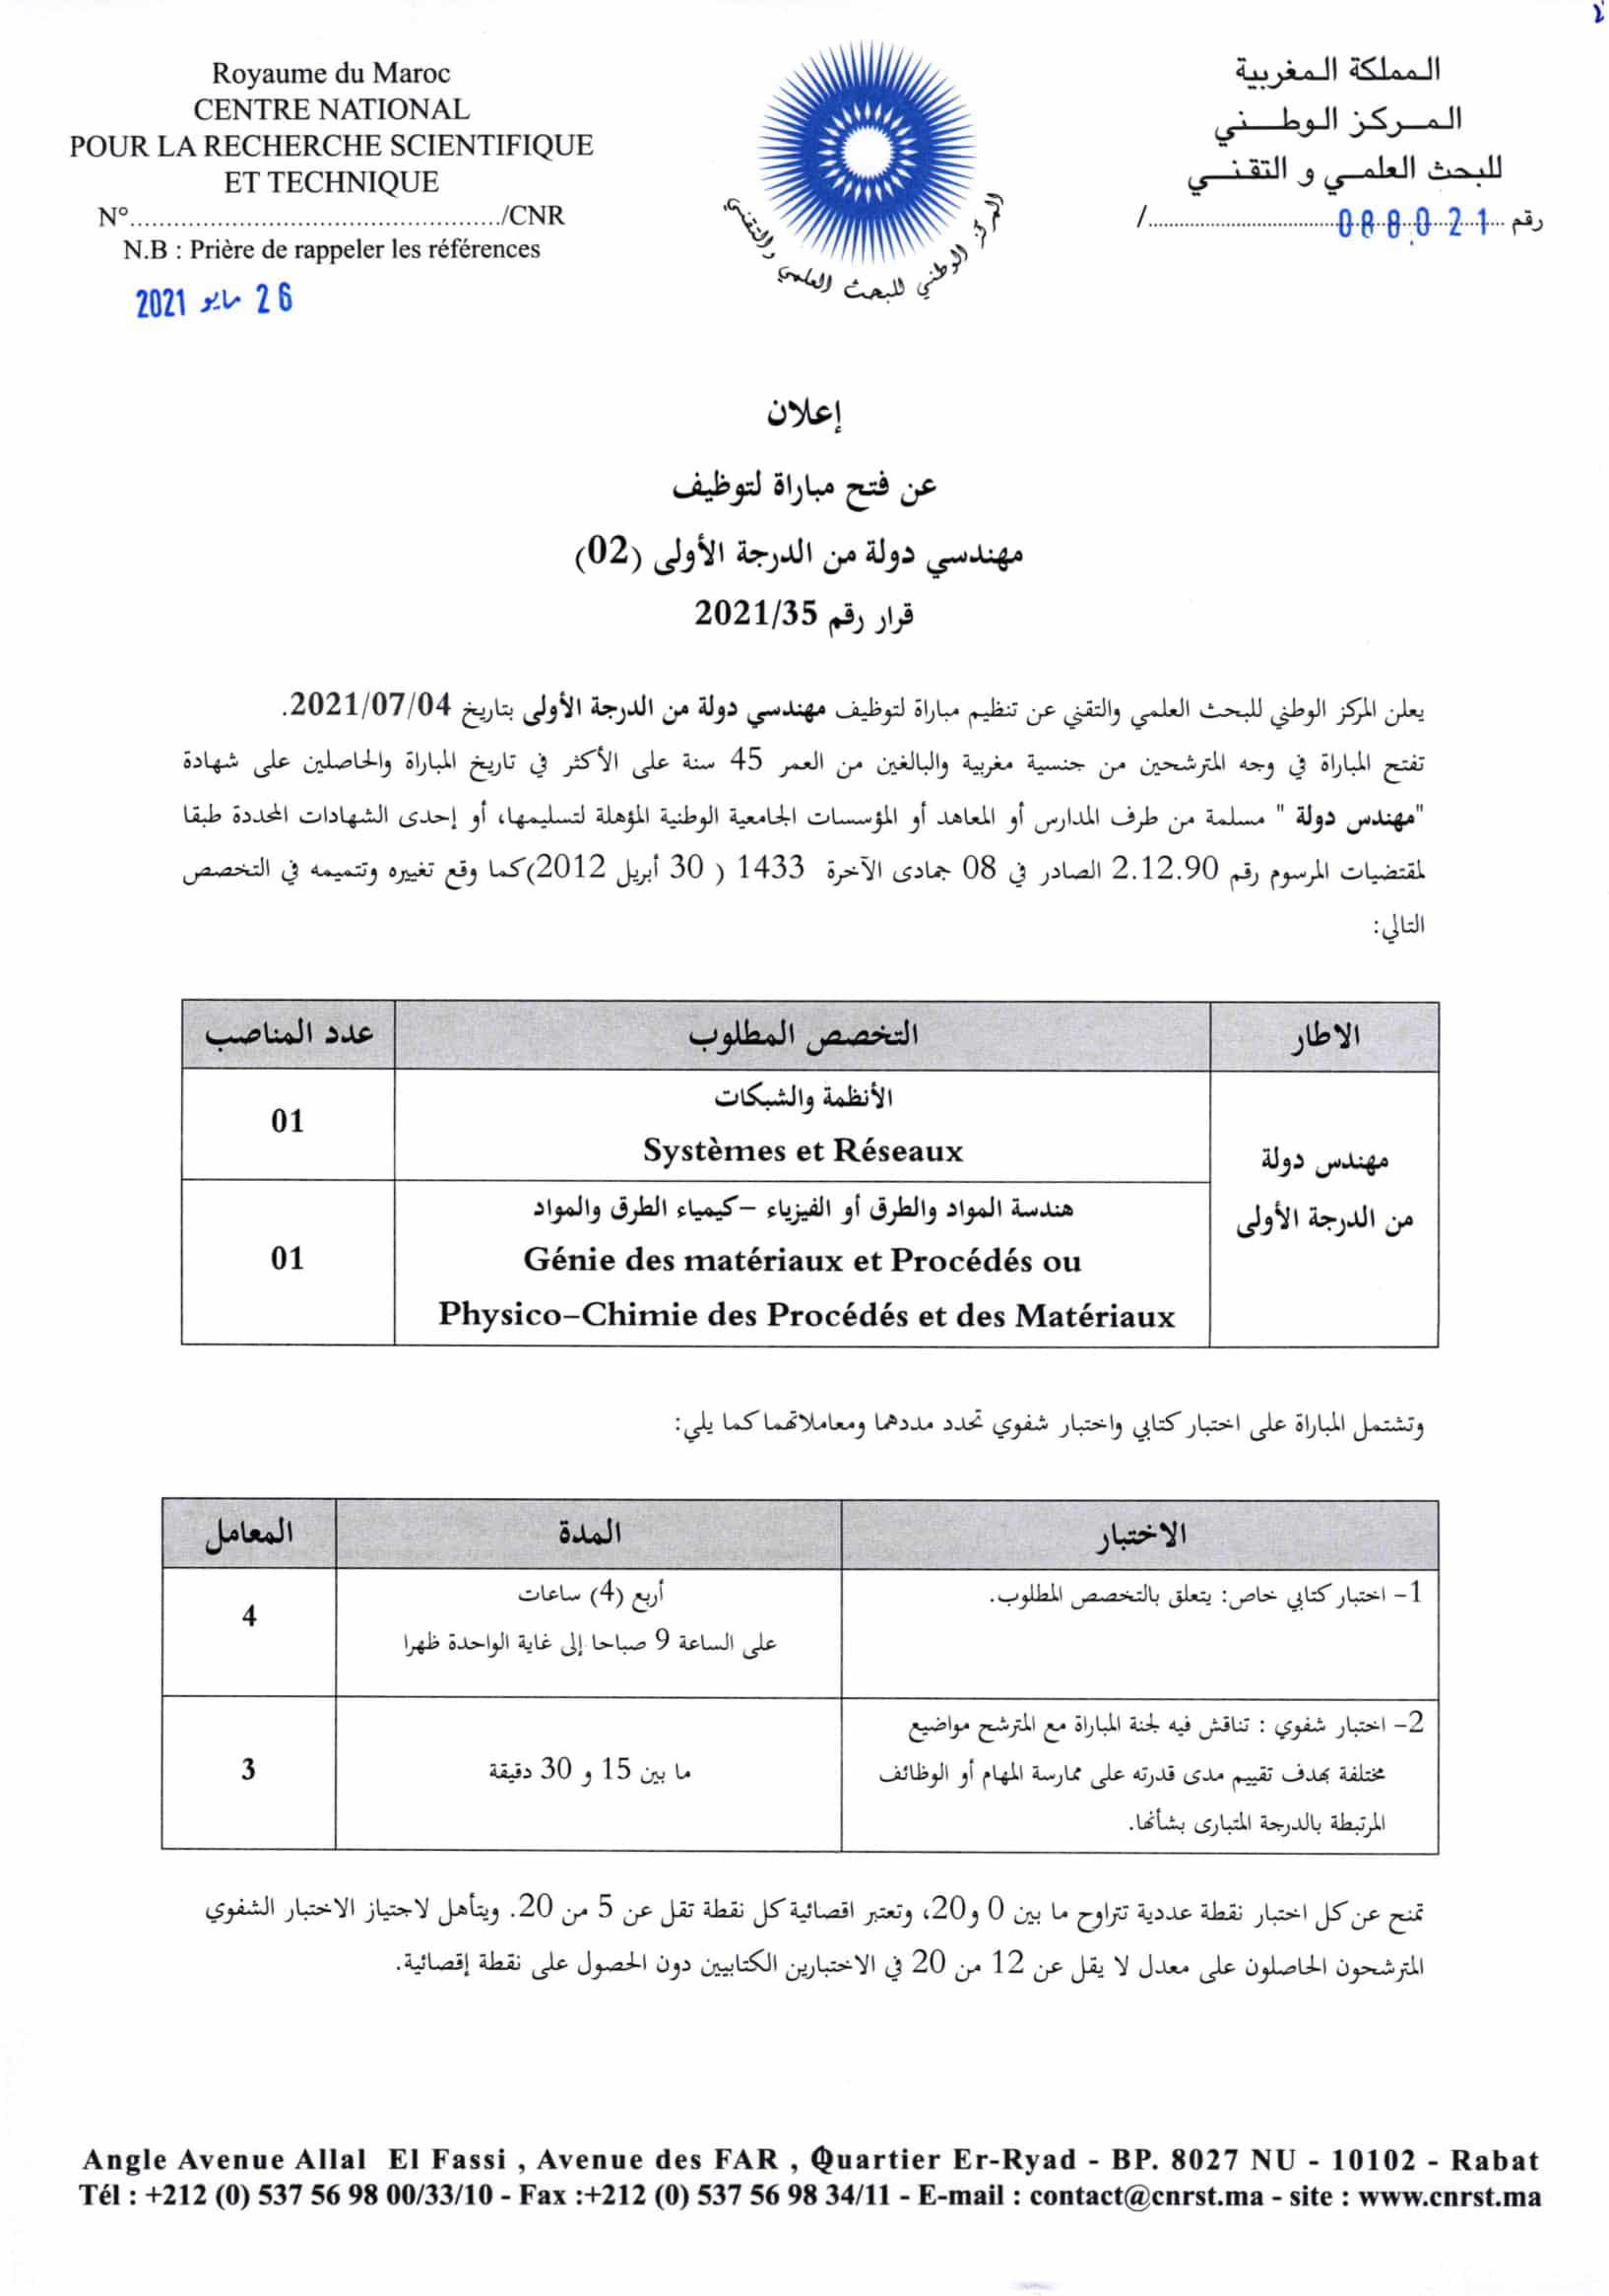 ingnieur1grade 1 Liste des Convoqués Concours de Recrutement CNRST 2021 (7 Postes)